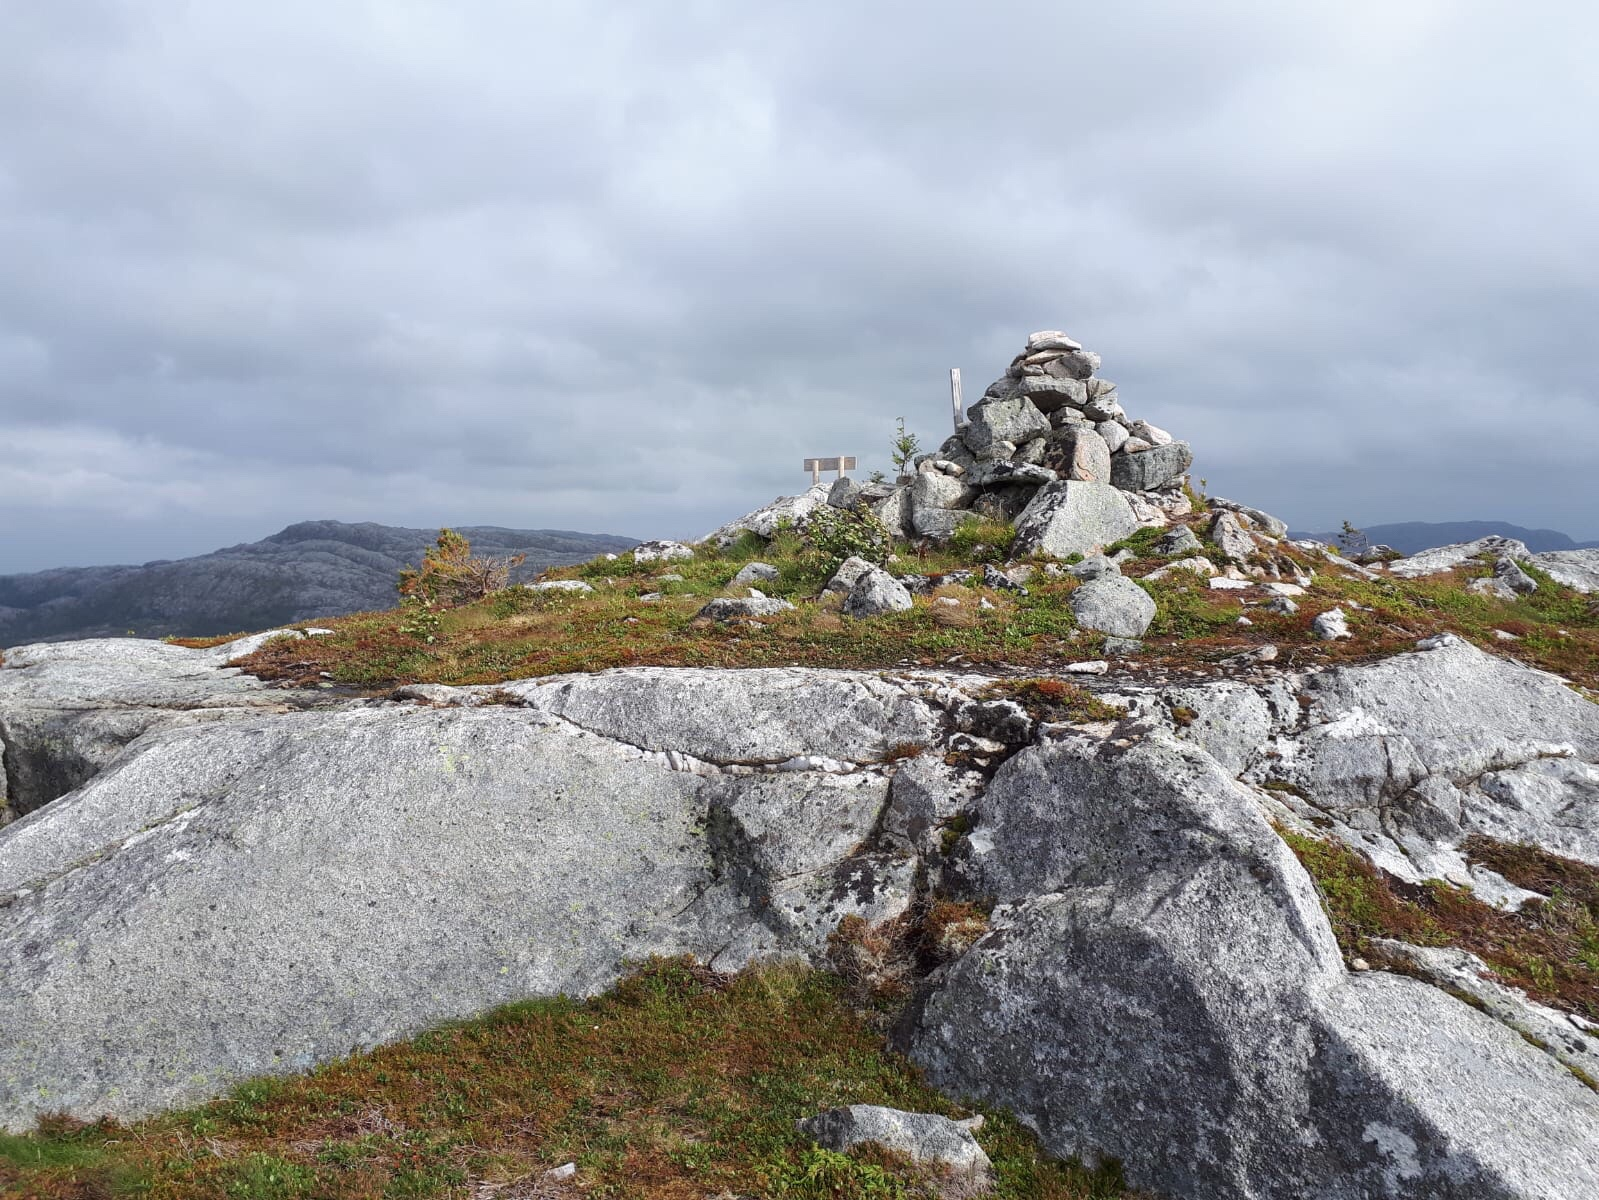 Wind auch auf dem Gipfel